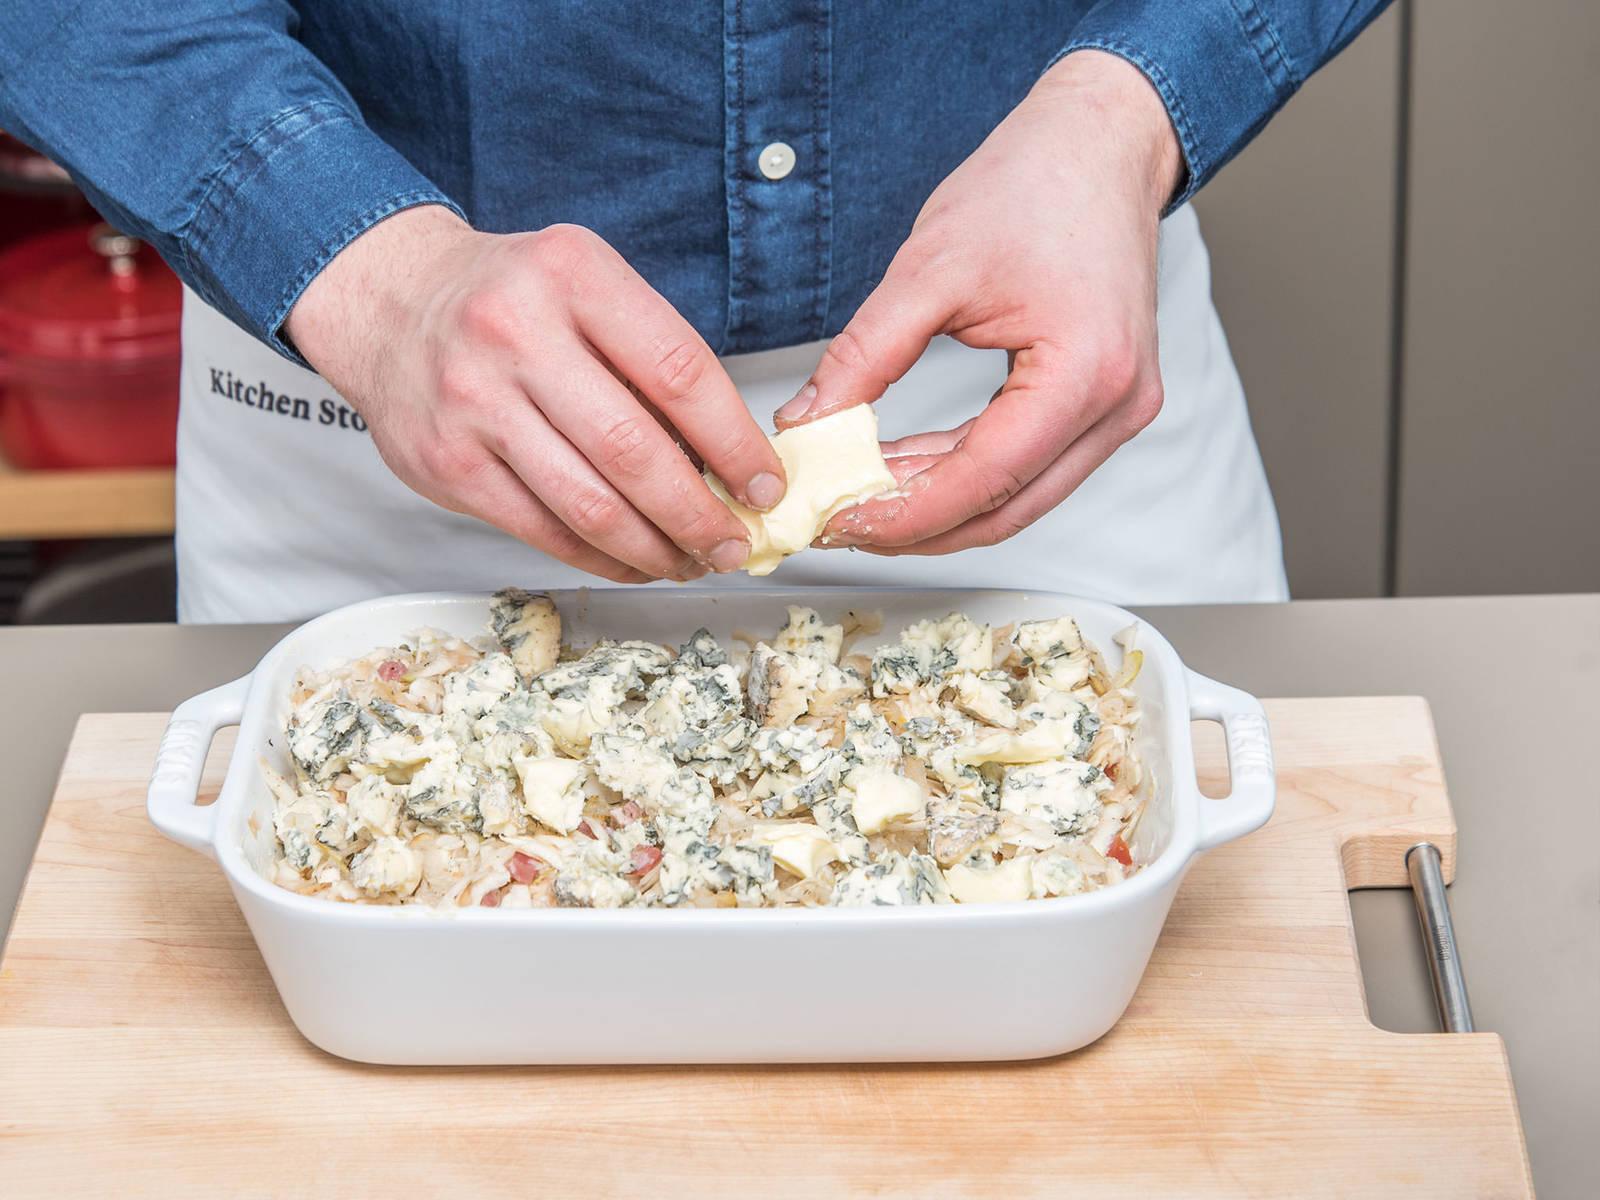 将上一步做好的芹菜根、梨、培根混合物倒入烤盘中。倒上蔬菜高汤。捏碎蓝芝士,和黄油、杏仁粉一起均匀撒到芹菜根和梨上。